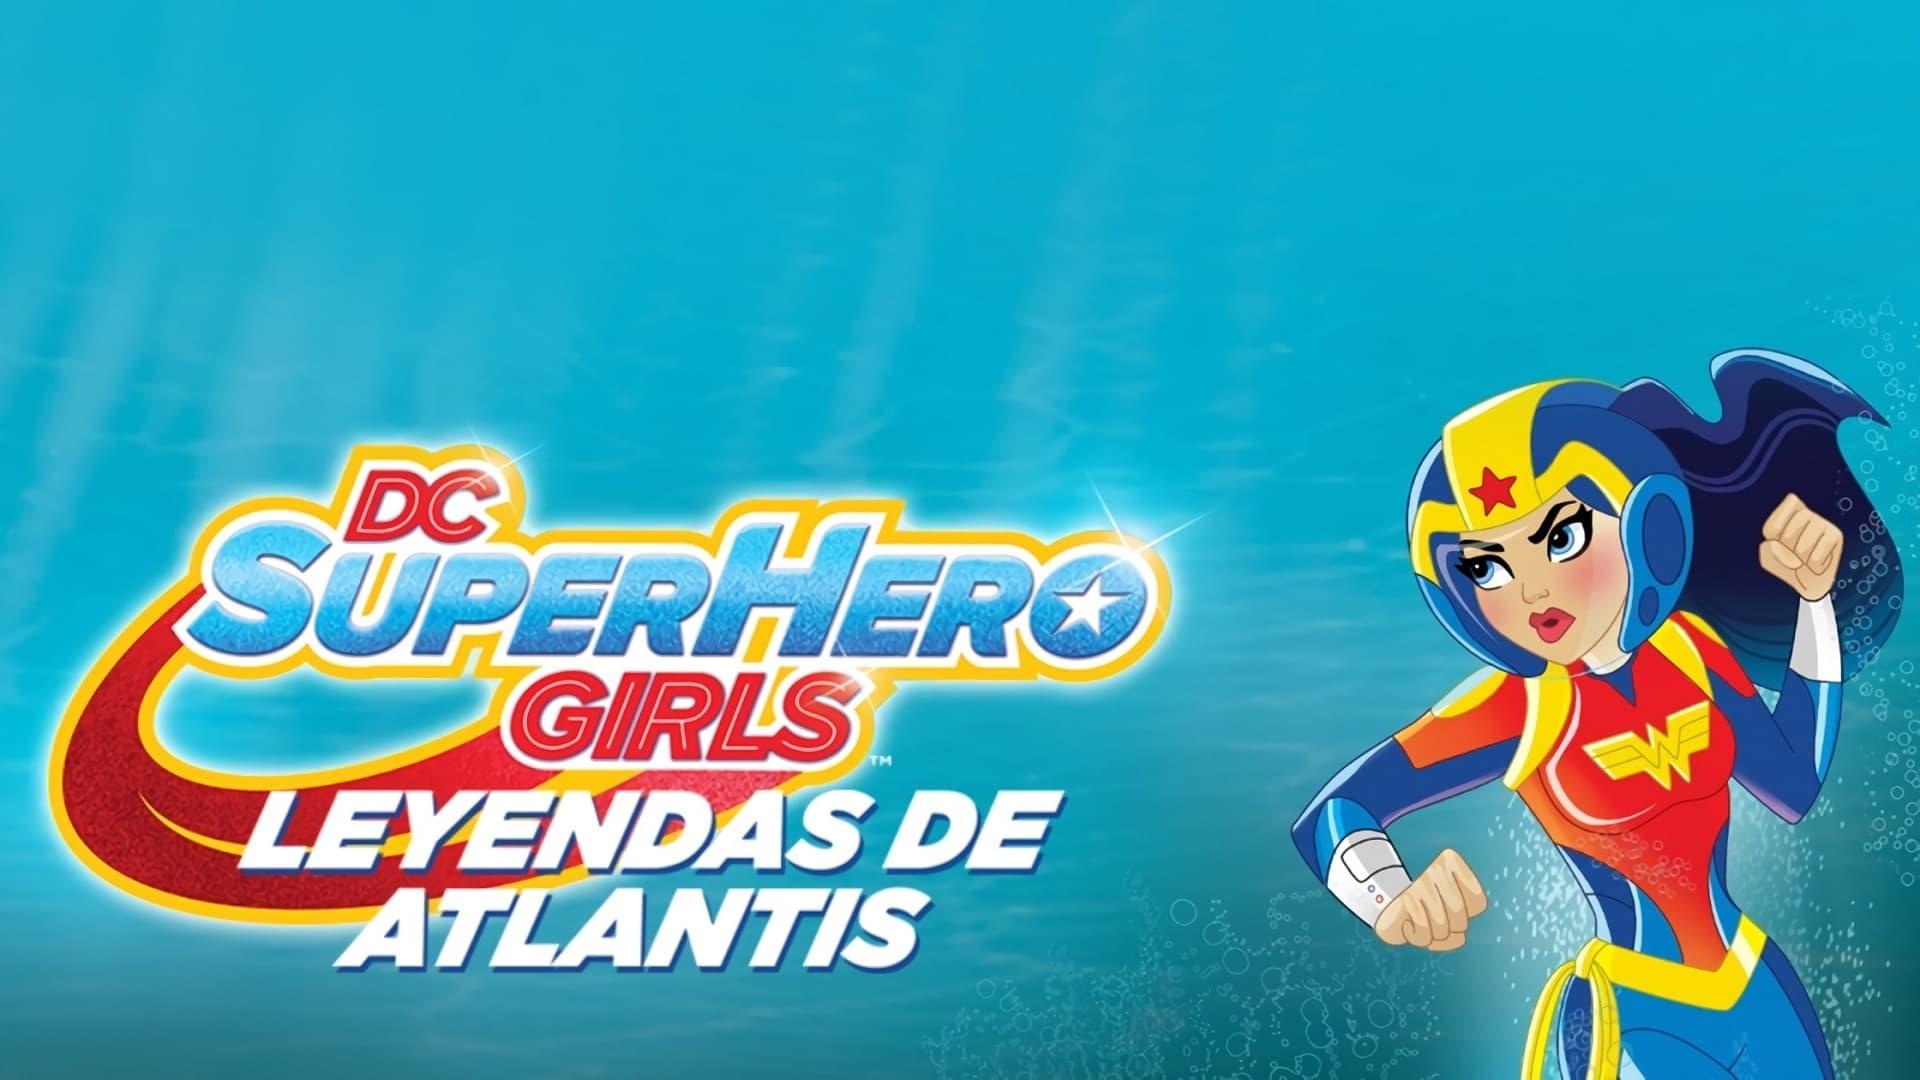 DESCARGAR DC Super Hero Girls: Leyendas de la Atlántida (2018) pelicula completa en español latino 1080p